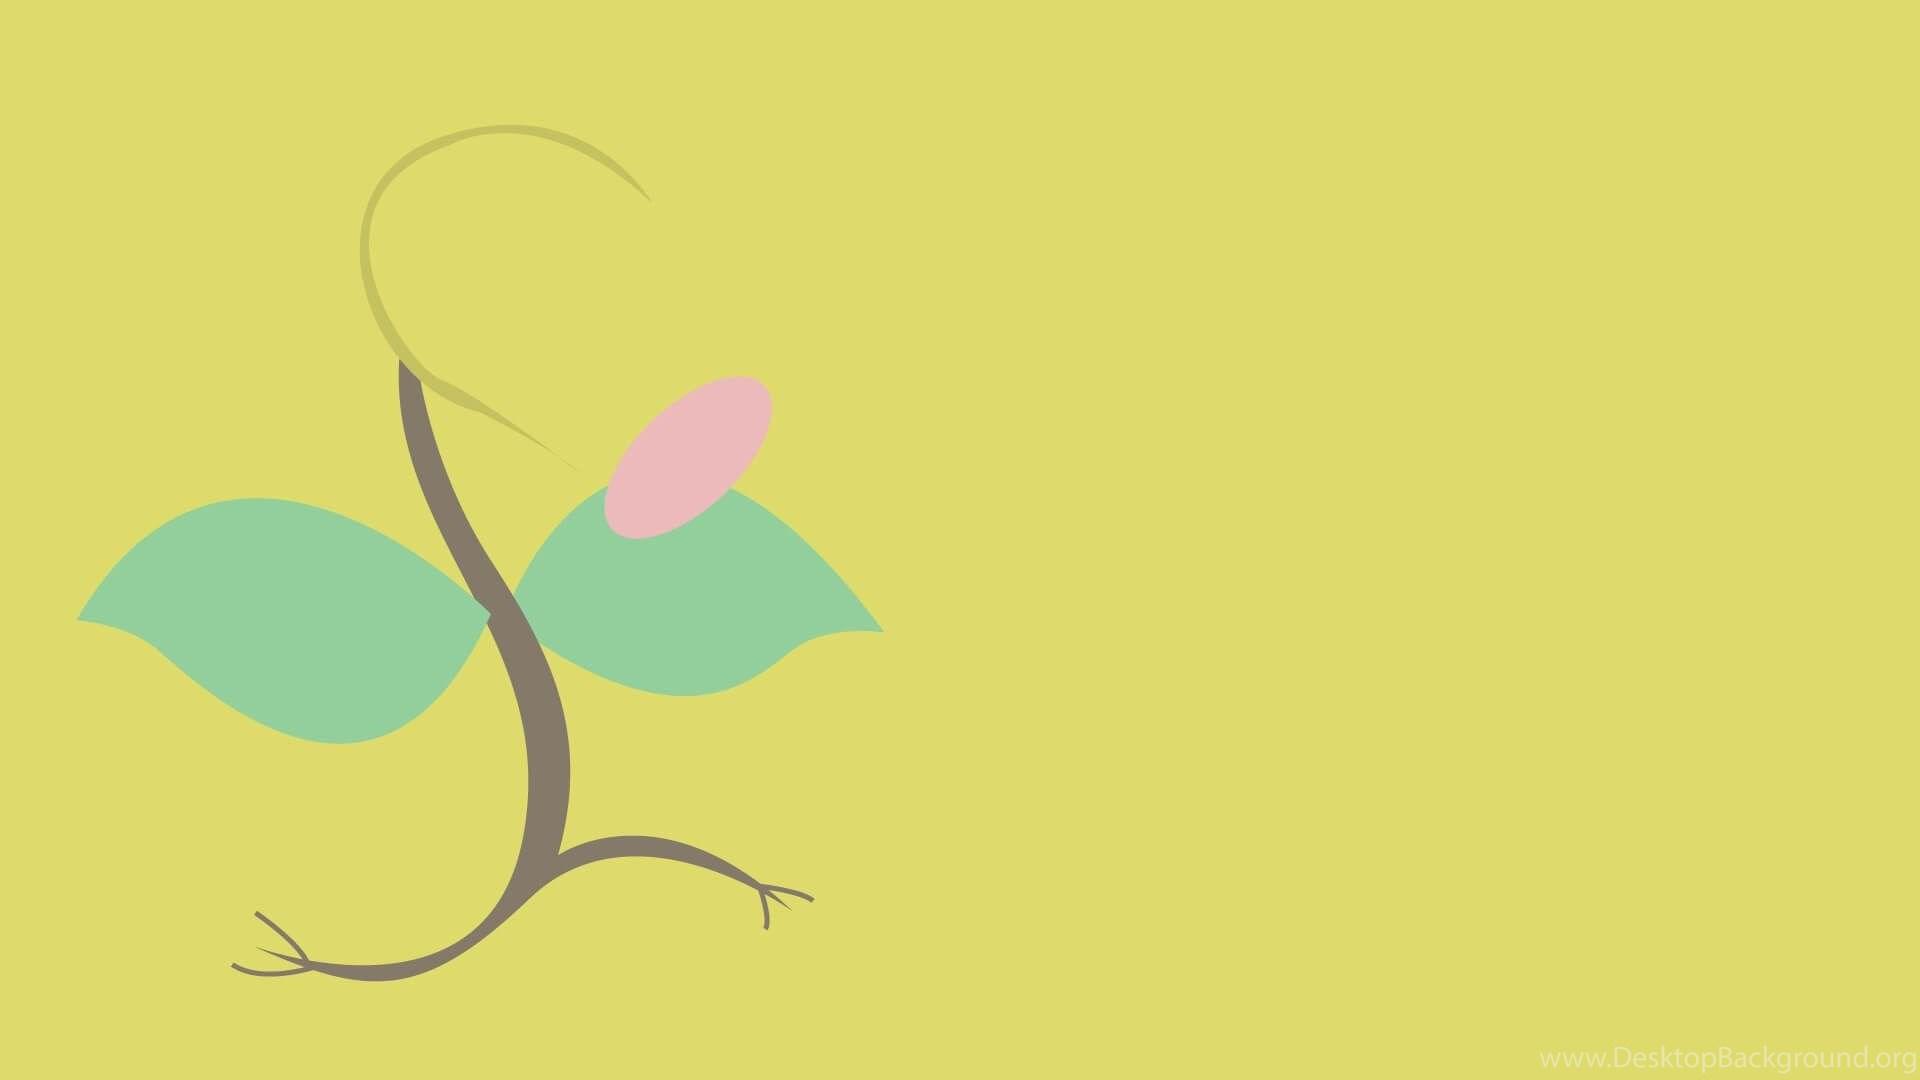 Minimalist Pokemon Wallpapers Hd Desktop Background